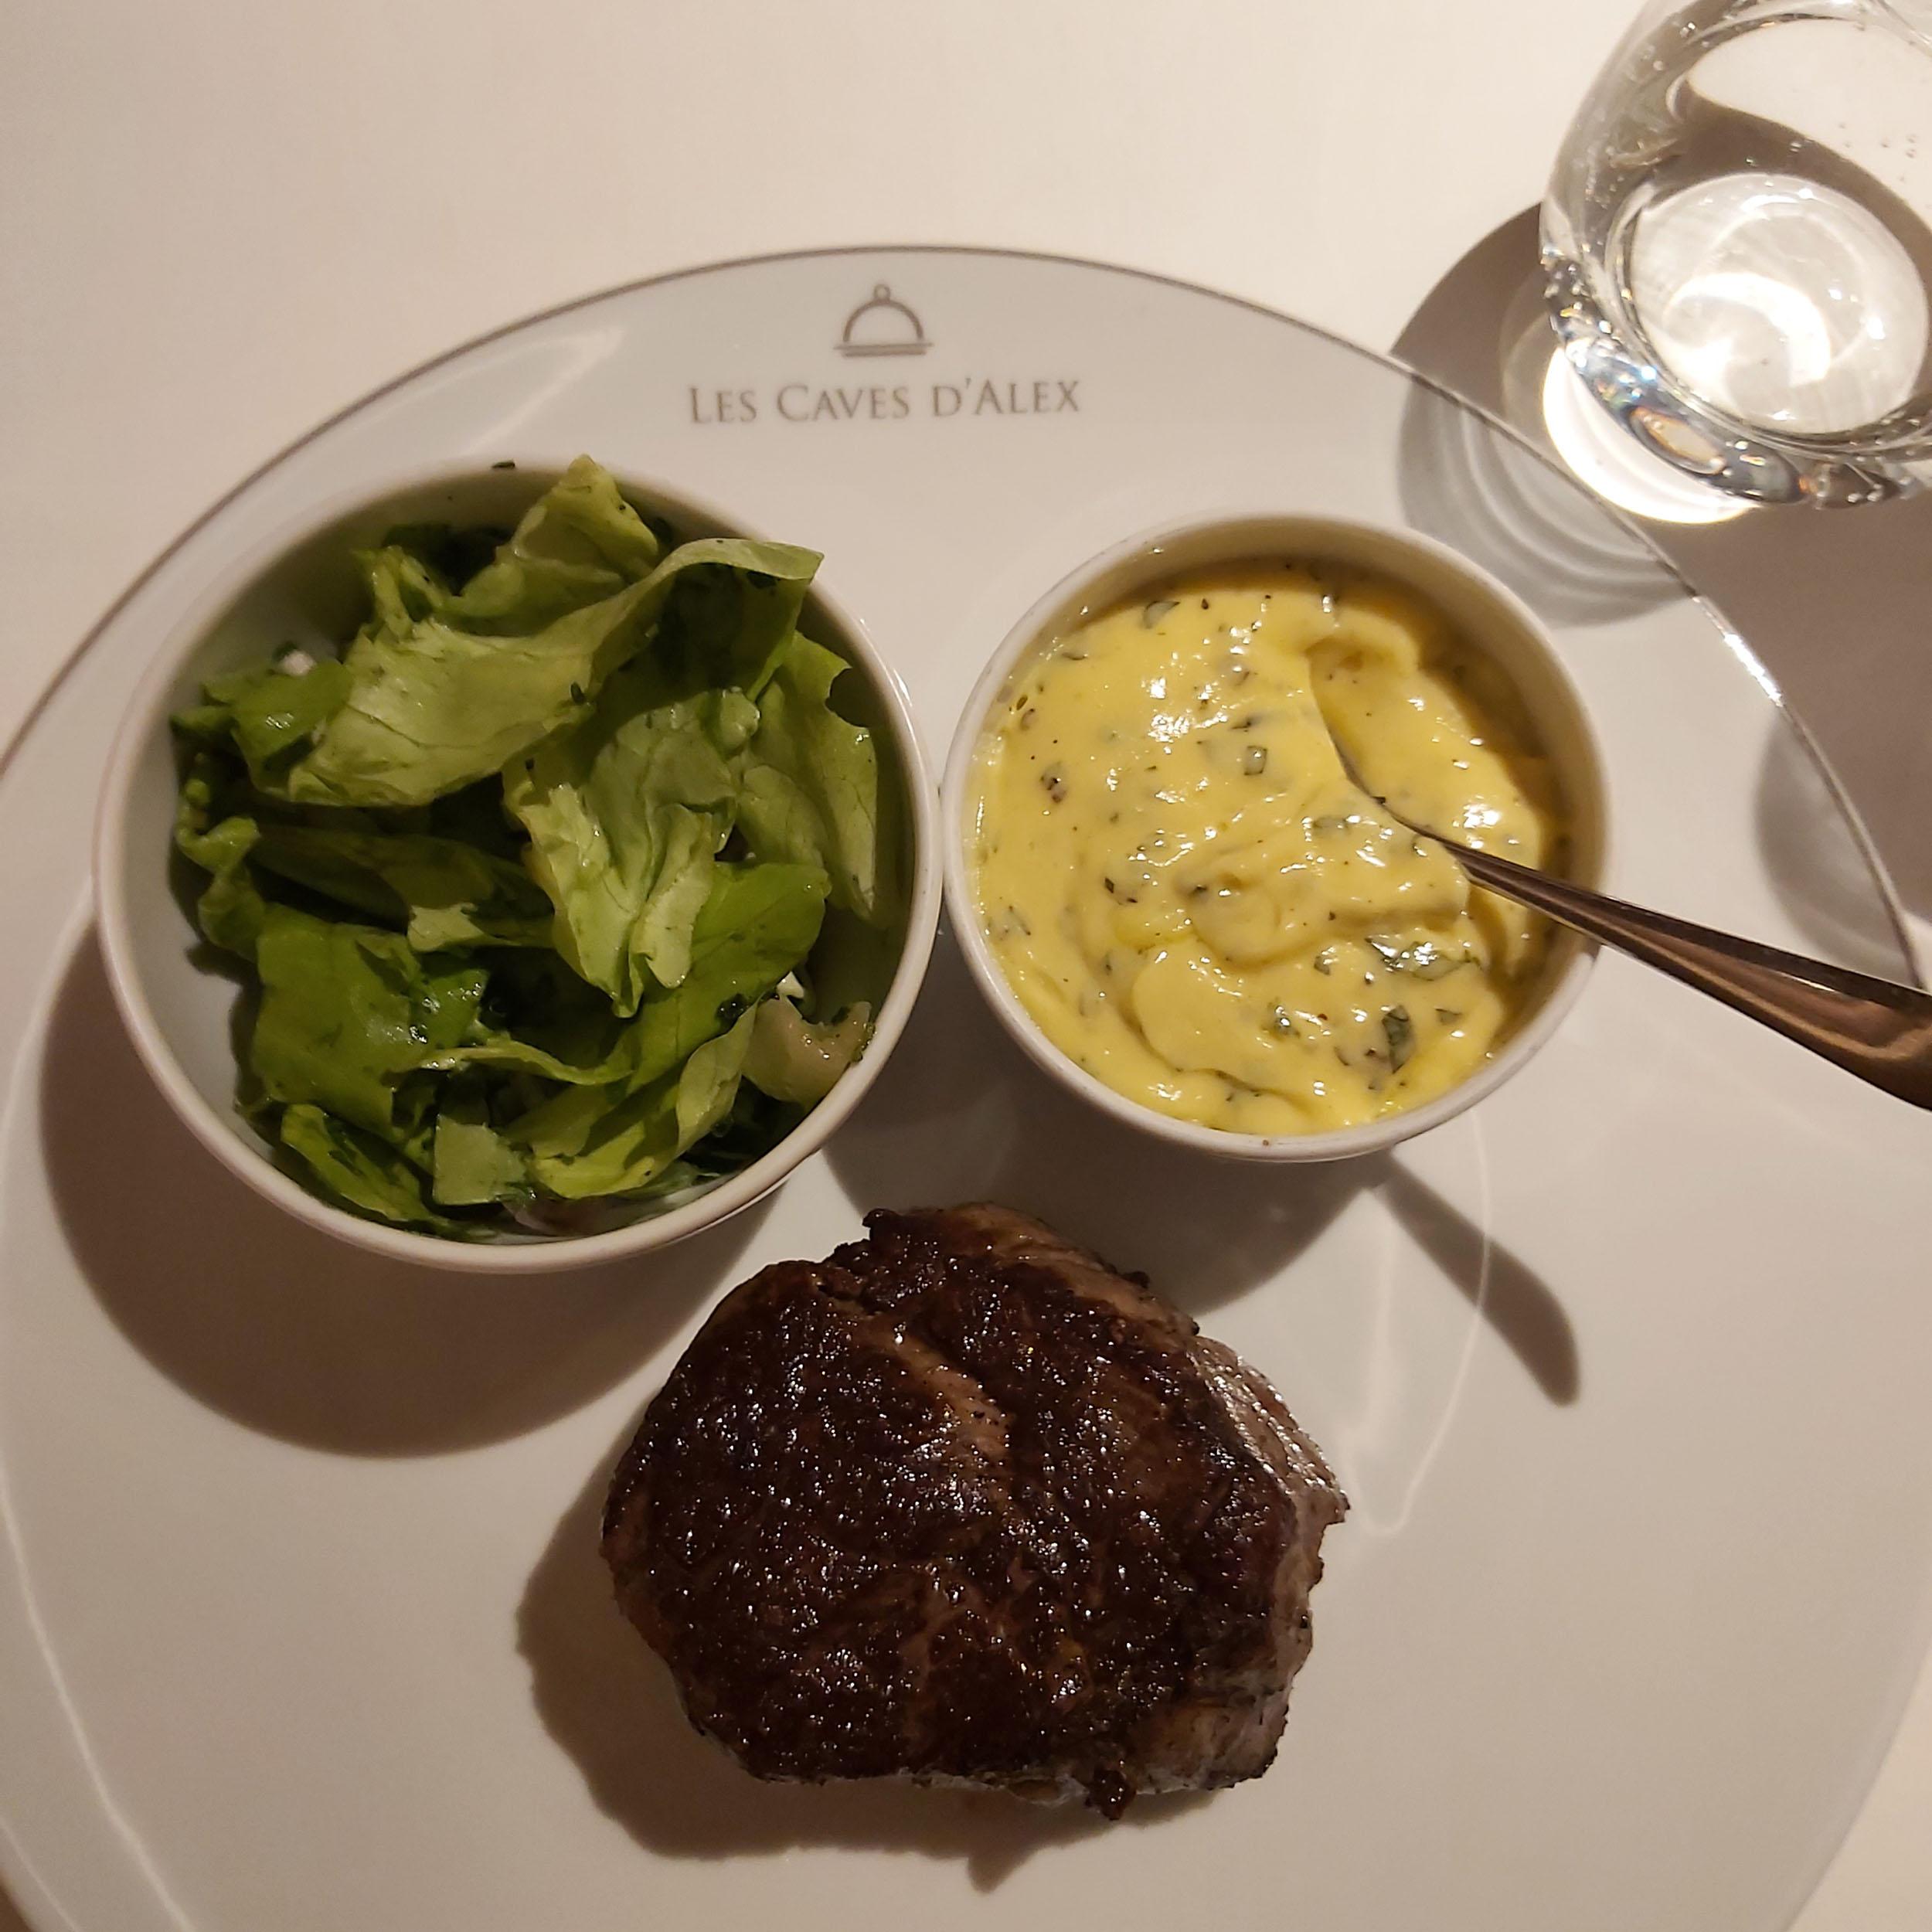 de beste steak van belgie caves d'alex